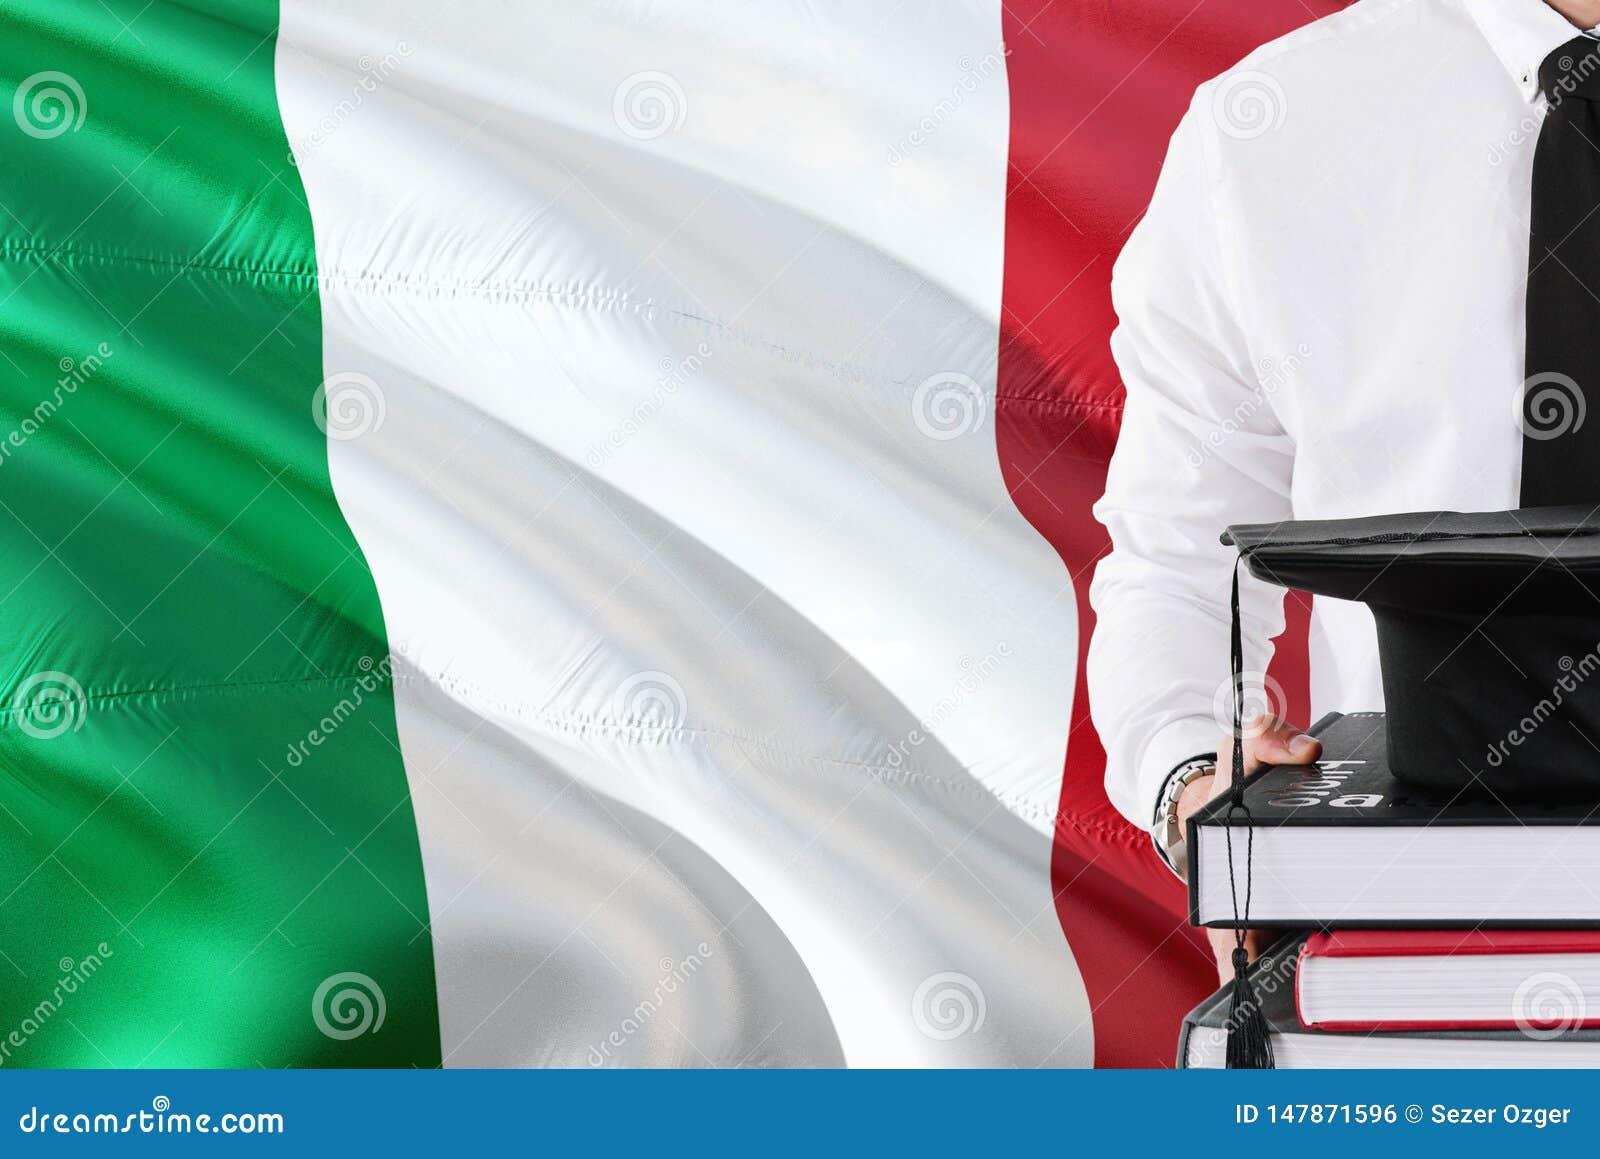 Het succesvolle Italiaanse concept van het studentenonderwijs Holdingsboeken en graduatie GLB over de vlagachtergrond van Italië